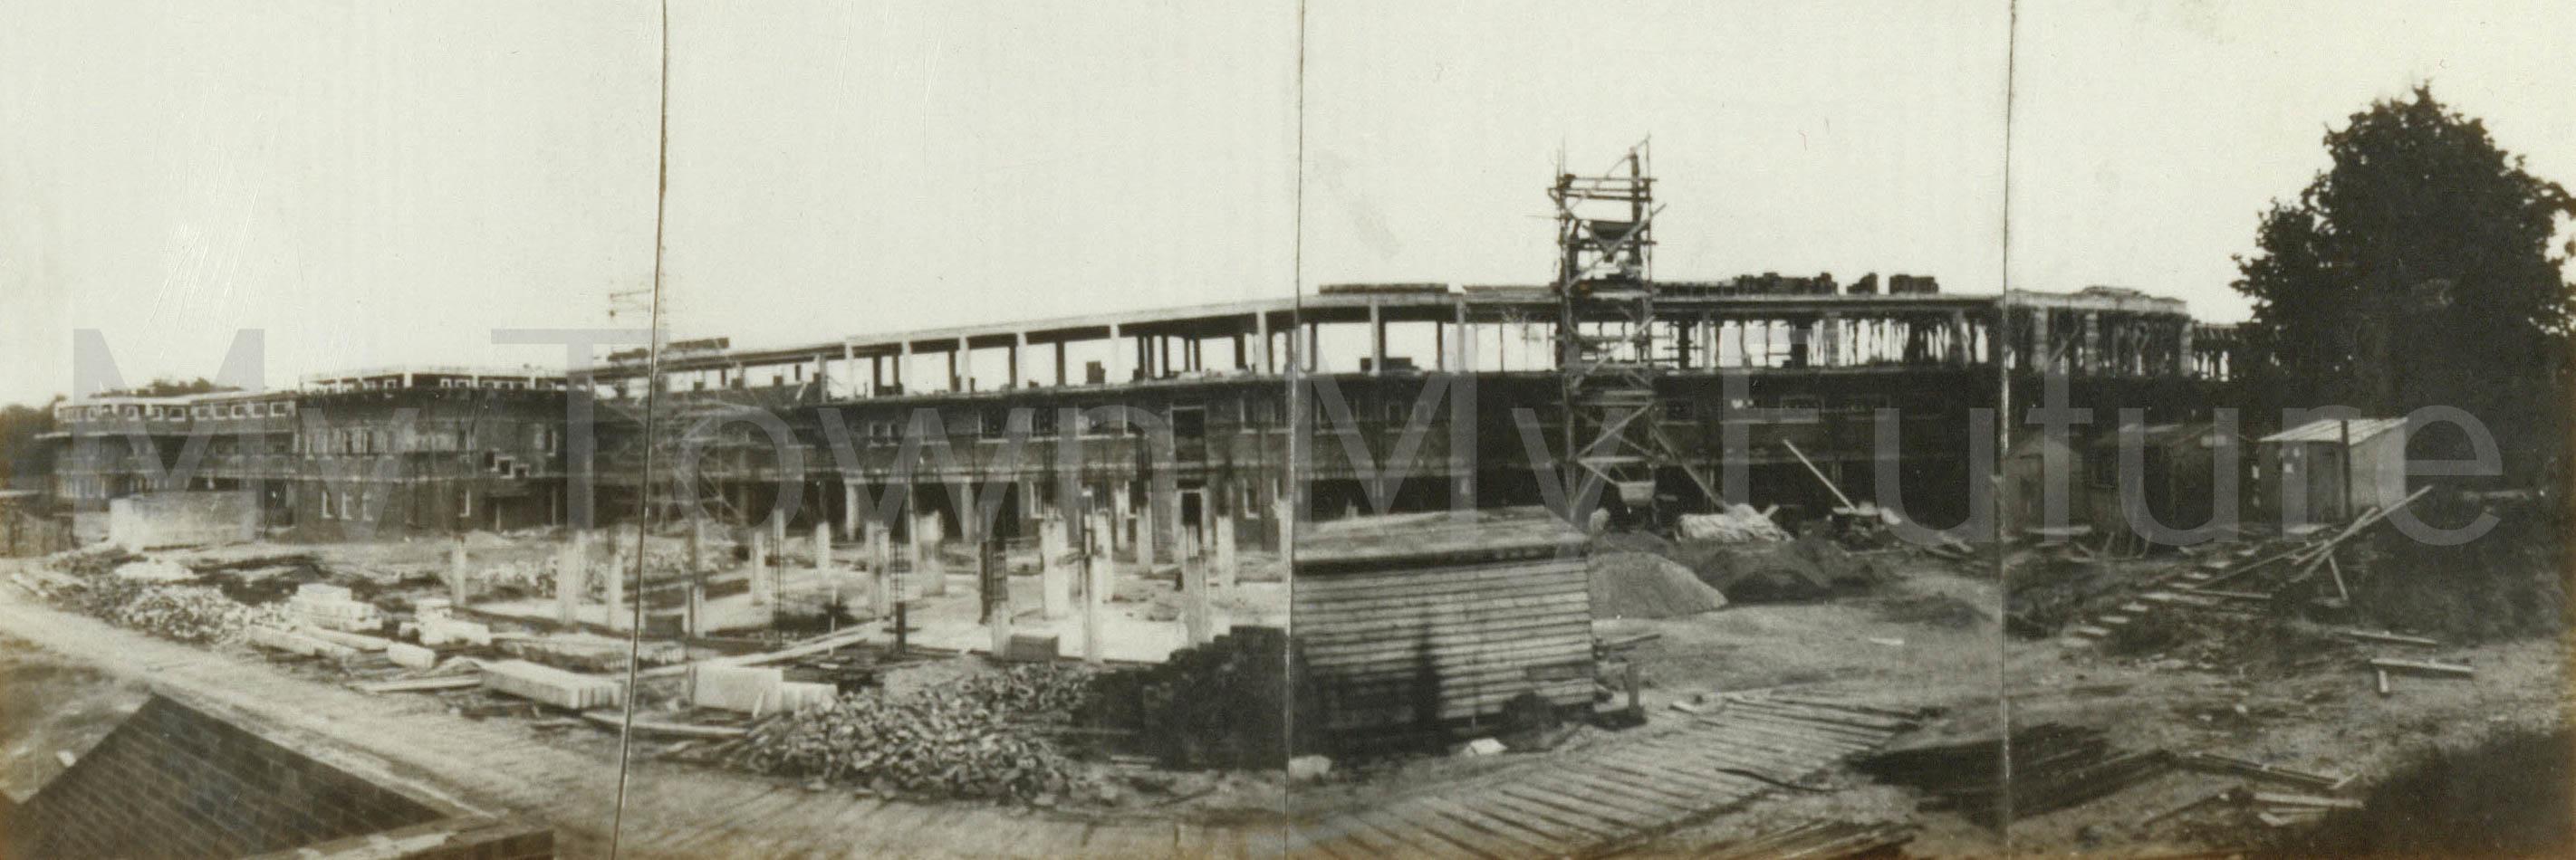 Poole Hospital Sanatorium (1939)